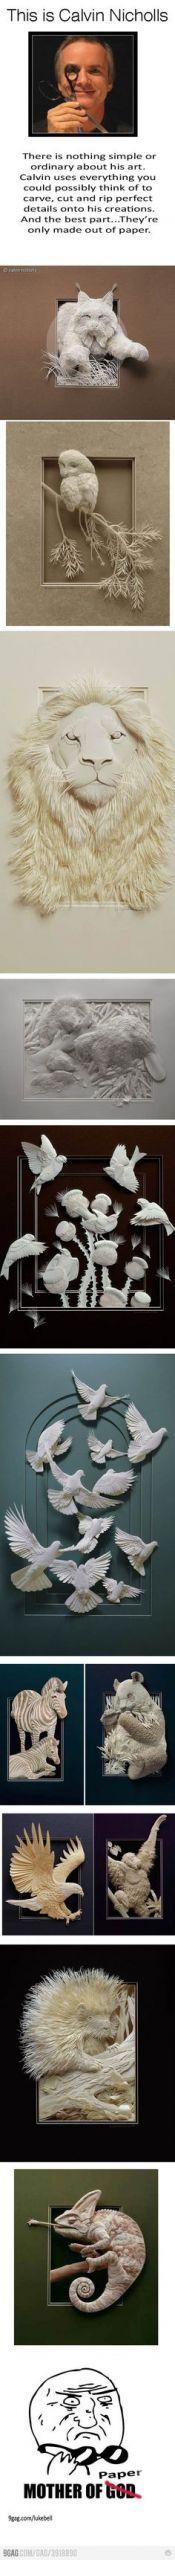 1b9469aab04f13ed9e2c61a8f3dfae15 paper cutting art cut paper art